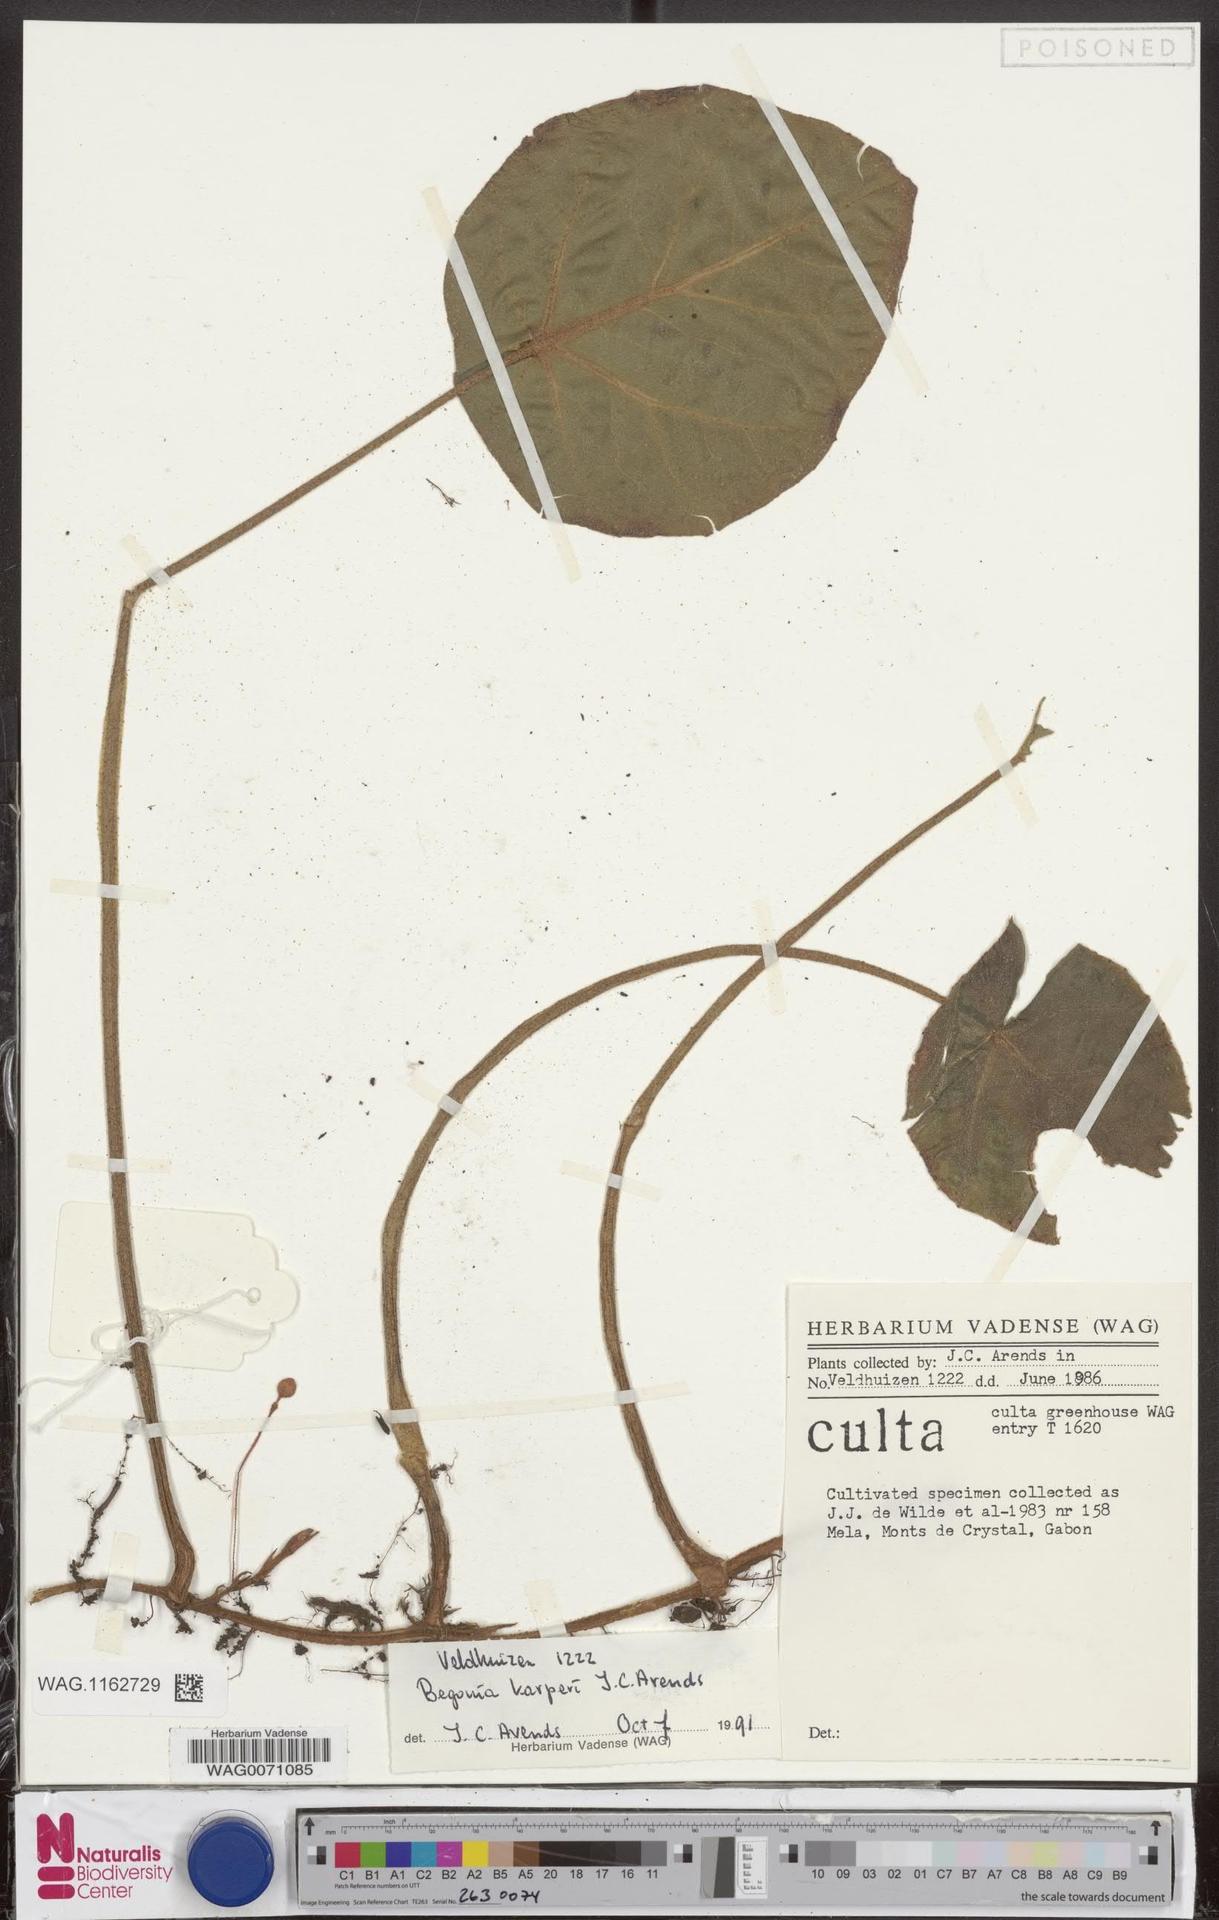 WAG.1162729 | Begonia karperi J.C.Arends